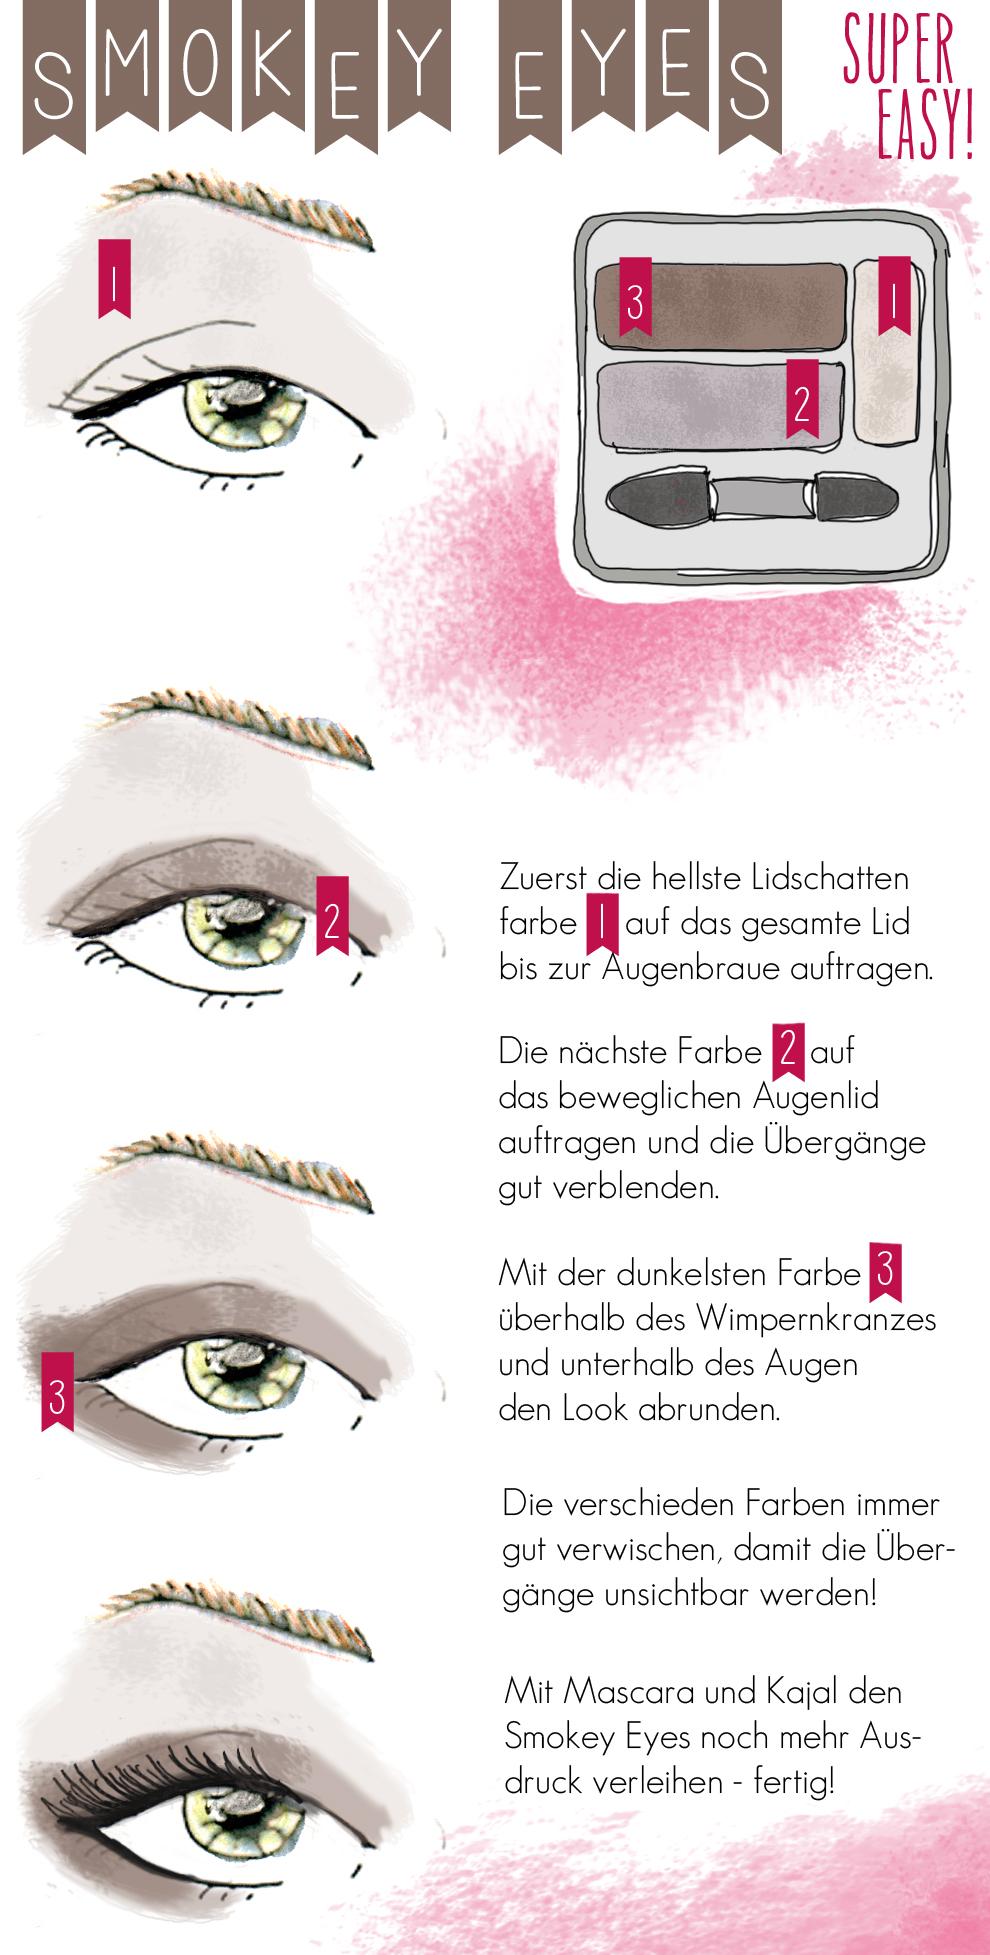 anleitung smokey eyes: